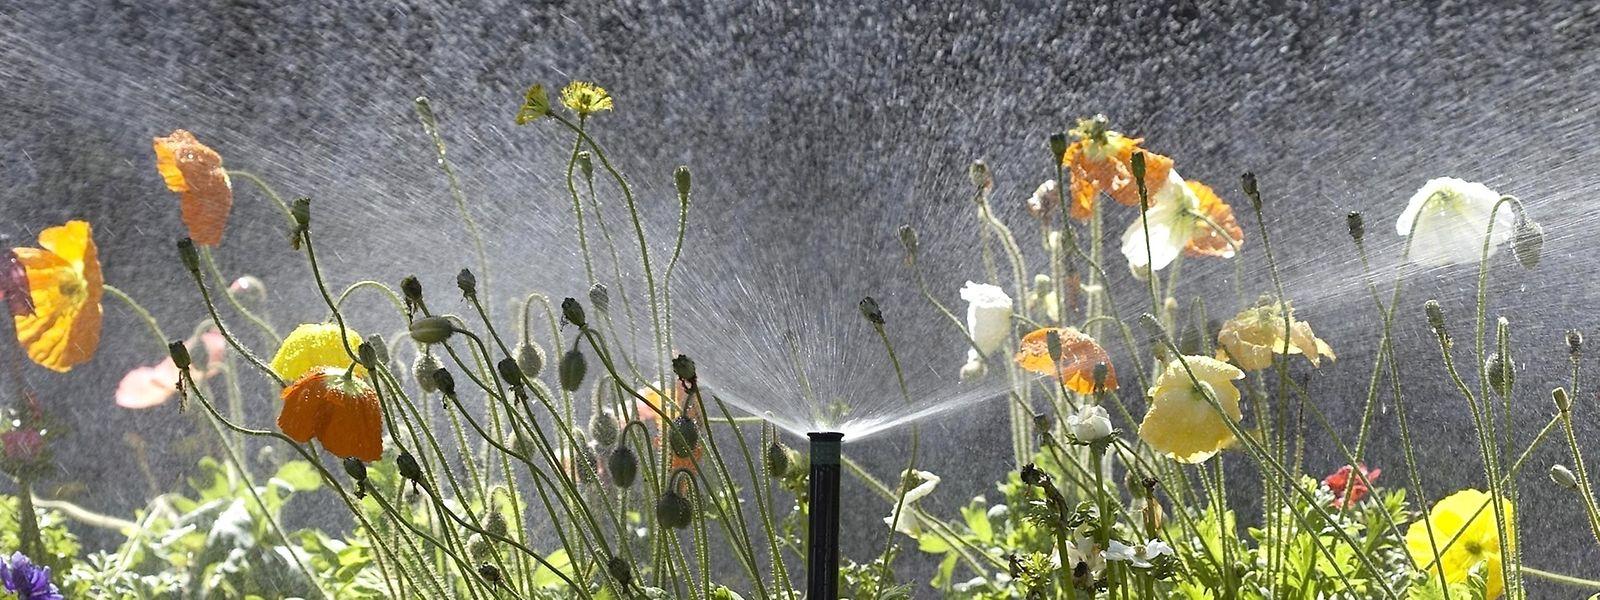 Si elle est parfaite pour arroser le jardin, le nettoyage ou les toilettes, l'eau de pluie, en revanche, ne doit pas être utilisée pour cuisiner ou pour les soins corporels.